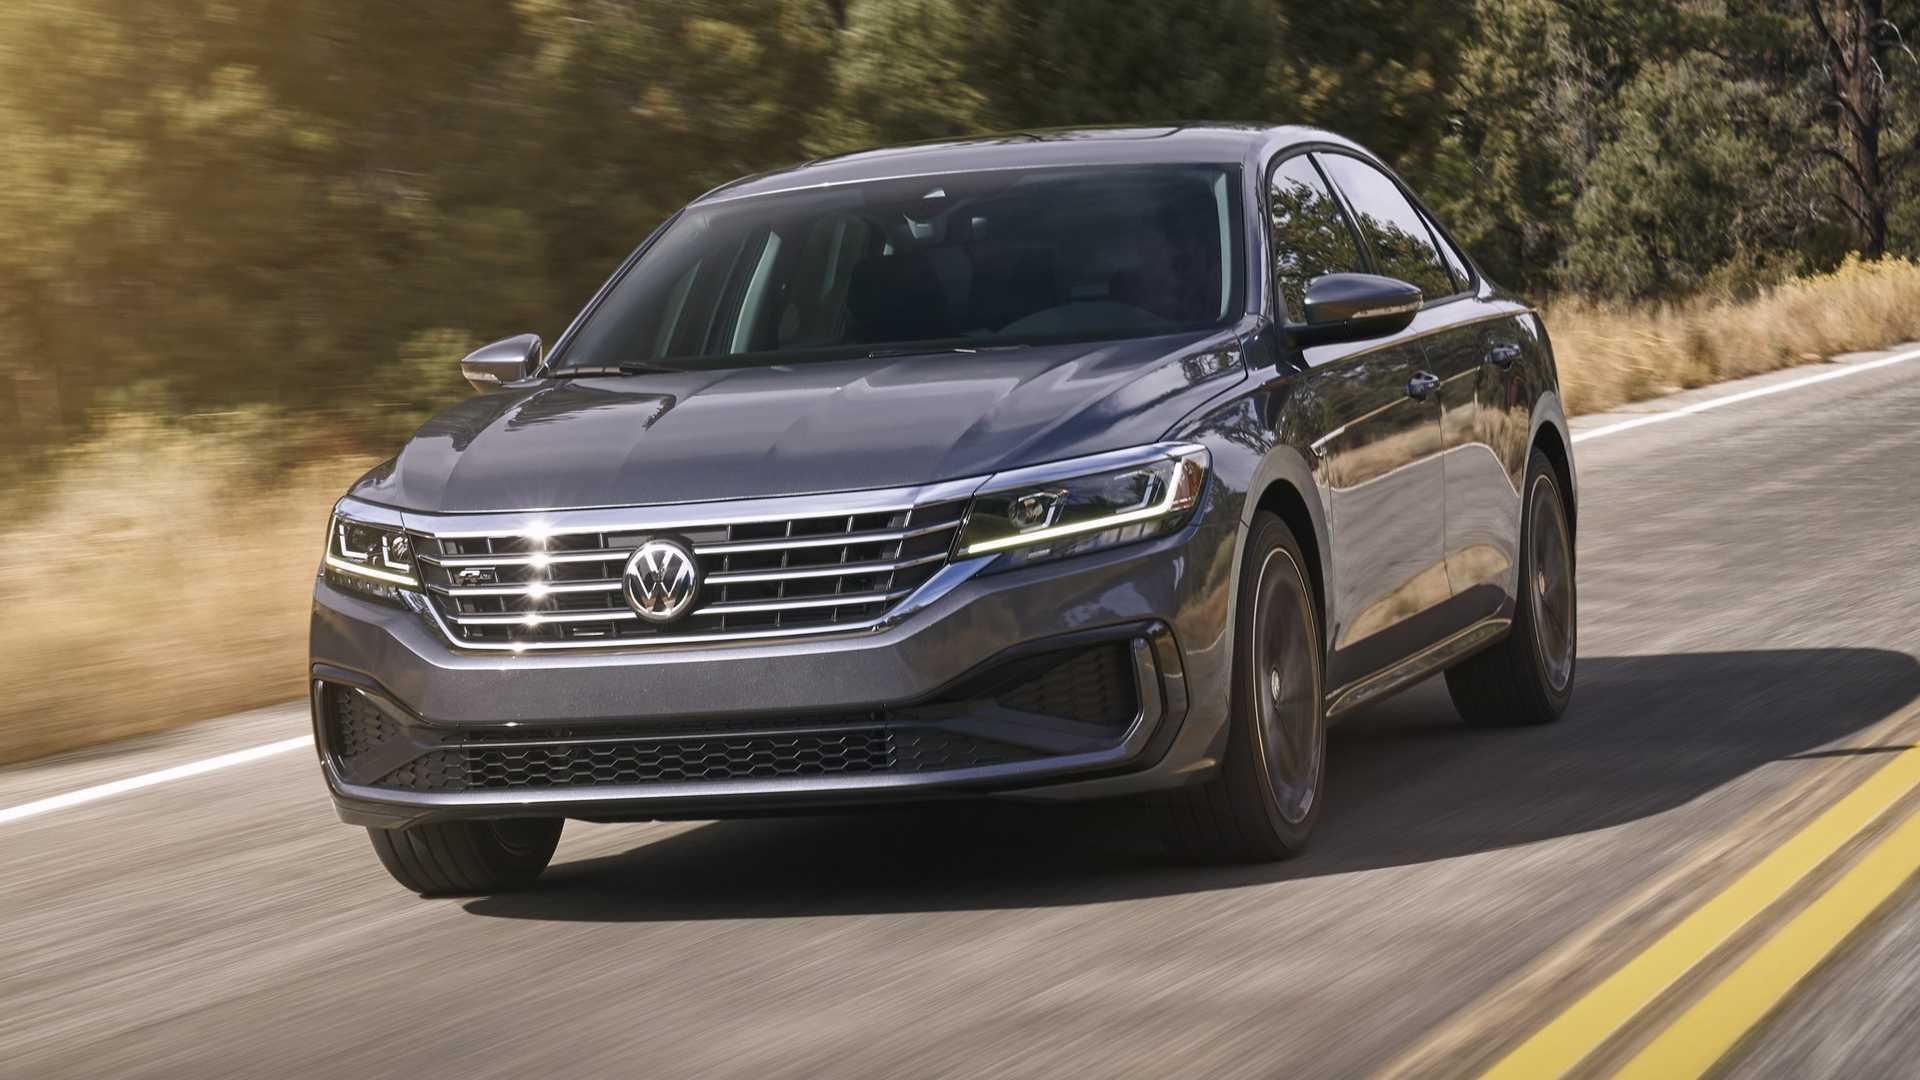 74 New Yeni Volkswagen Caddy 2020 Speed Test with Yeni Volkswagen Caddy 2020